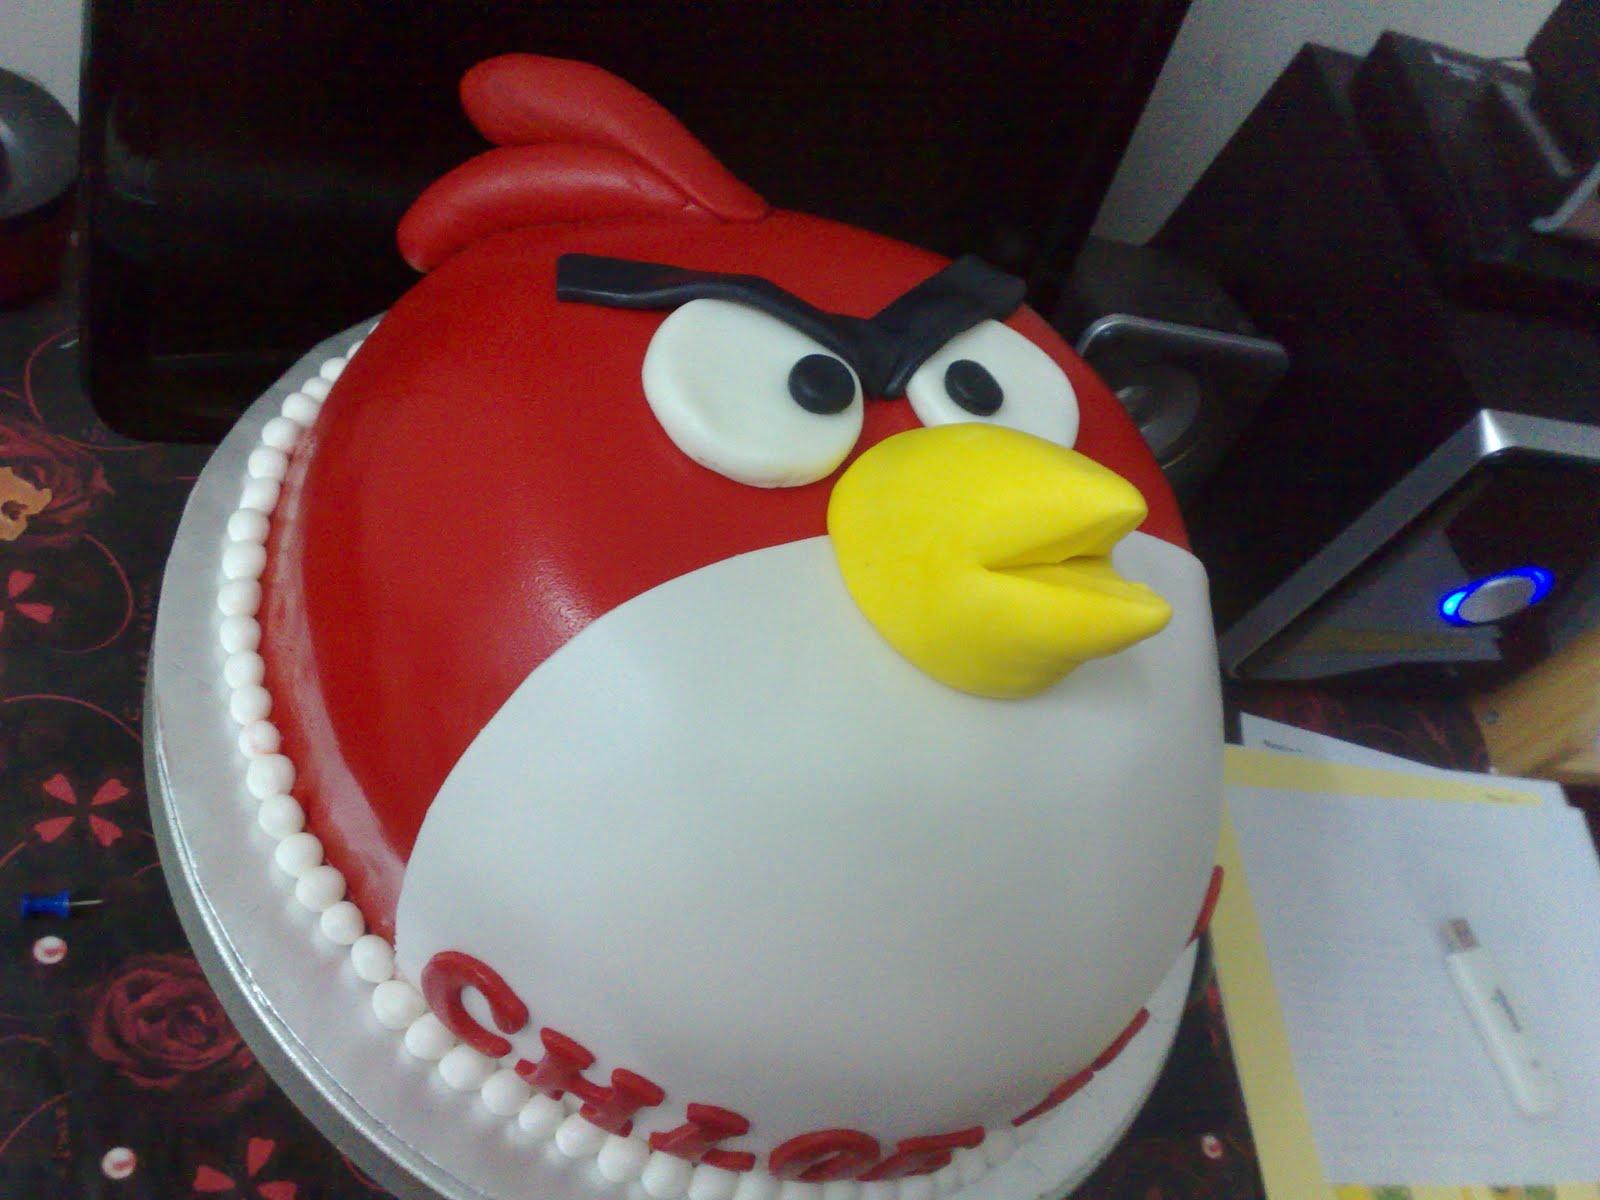 Cake With Fondant Bird : L mis Cakes & Cupcakes Ipoh Contact : 012-5991233 : 2D ...